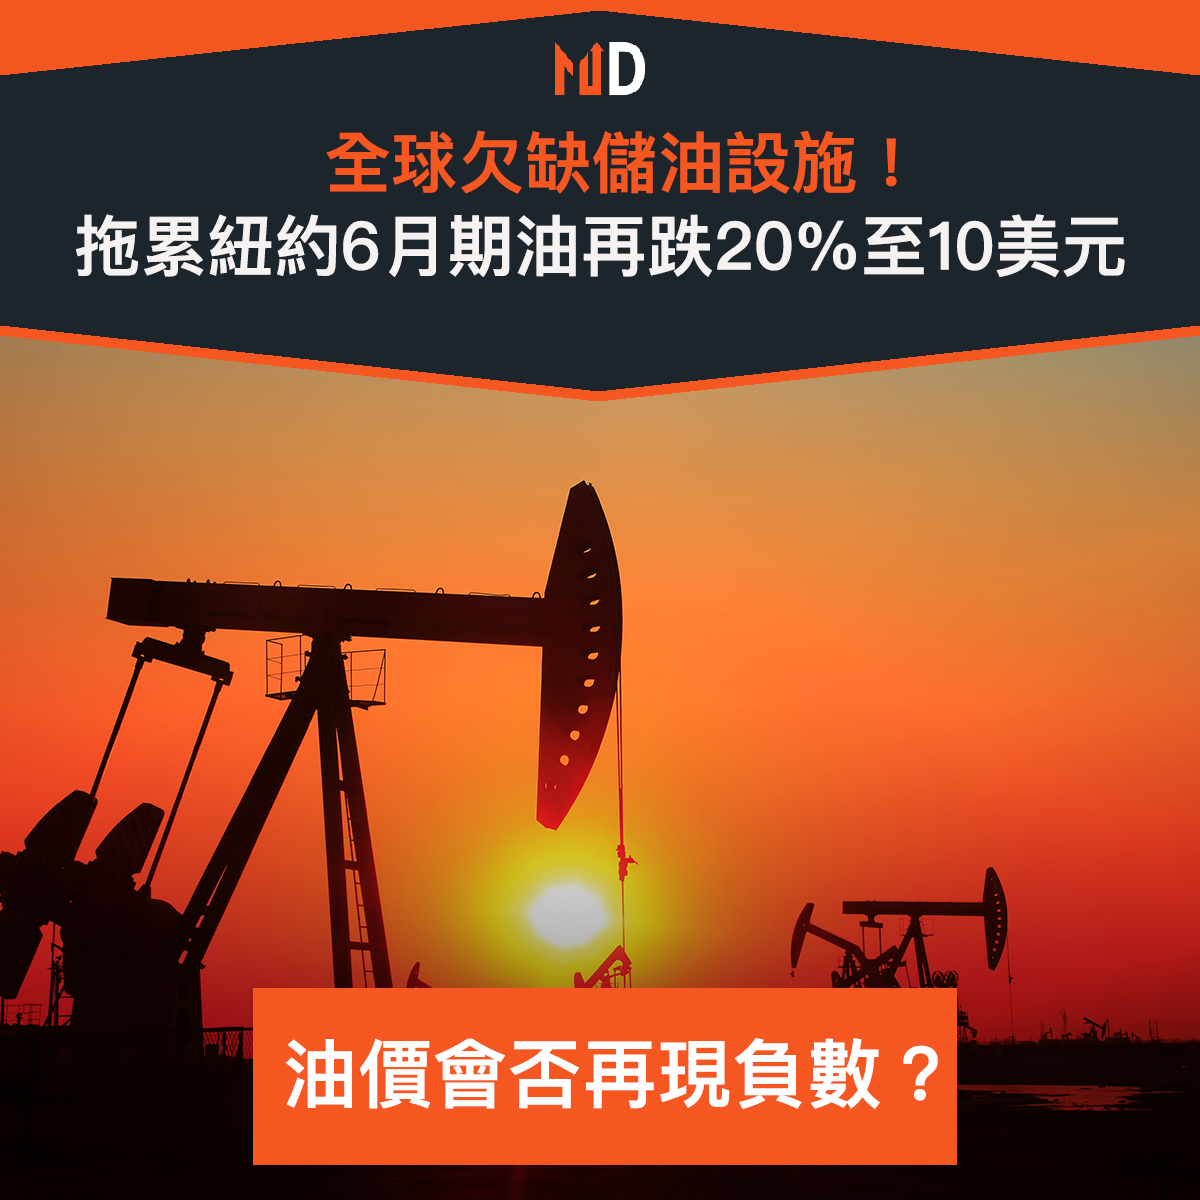 【#市場熱話】全球欠缺儲油設施!拖累紐約6月期油再跌20%至10美元